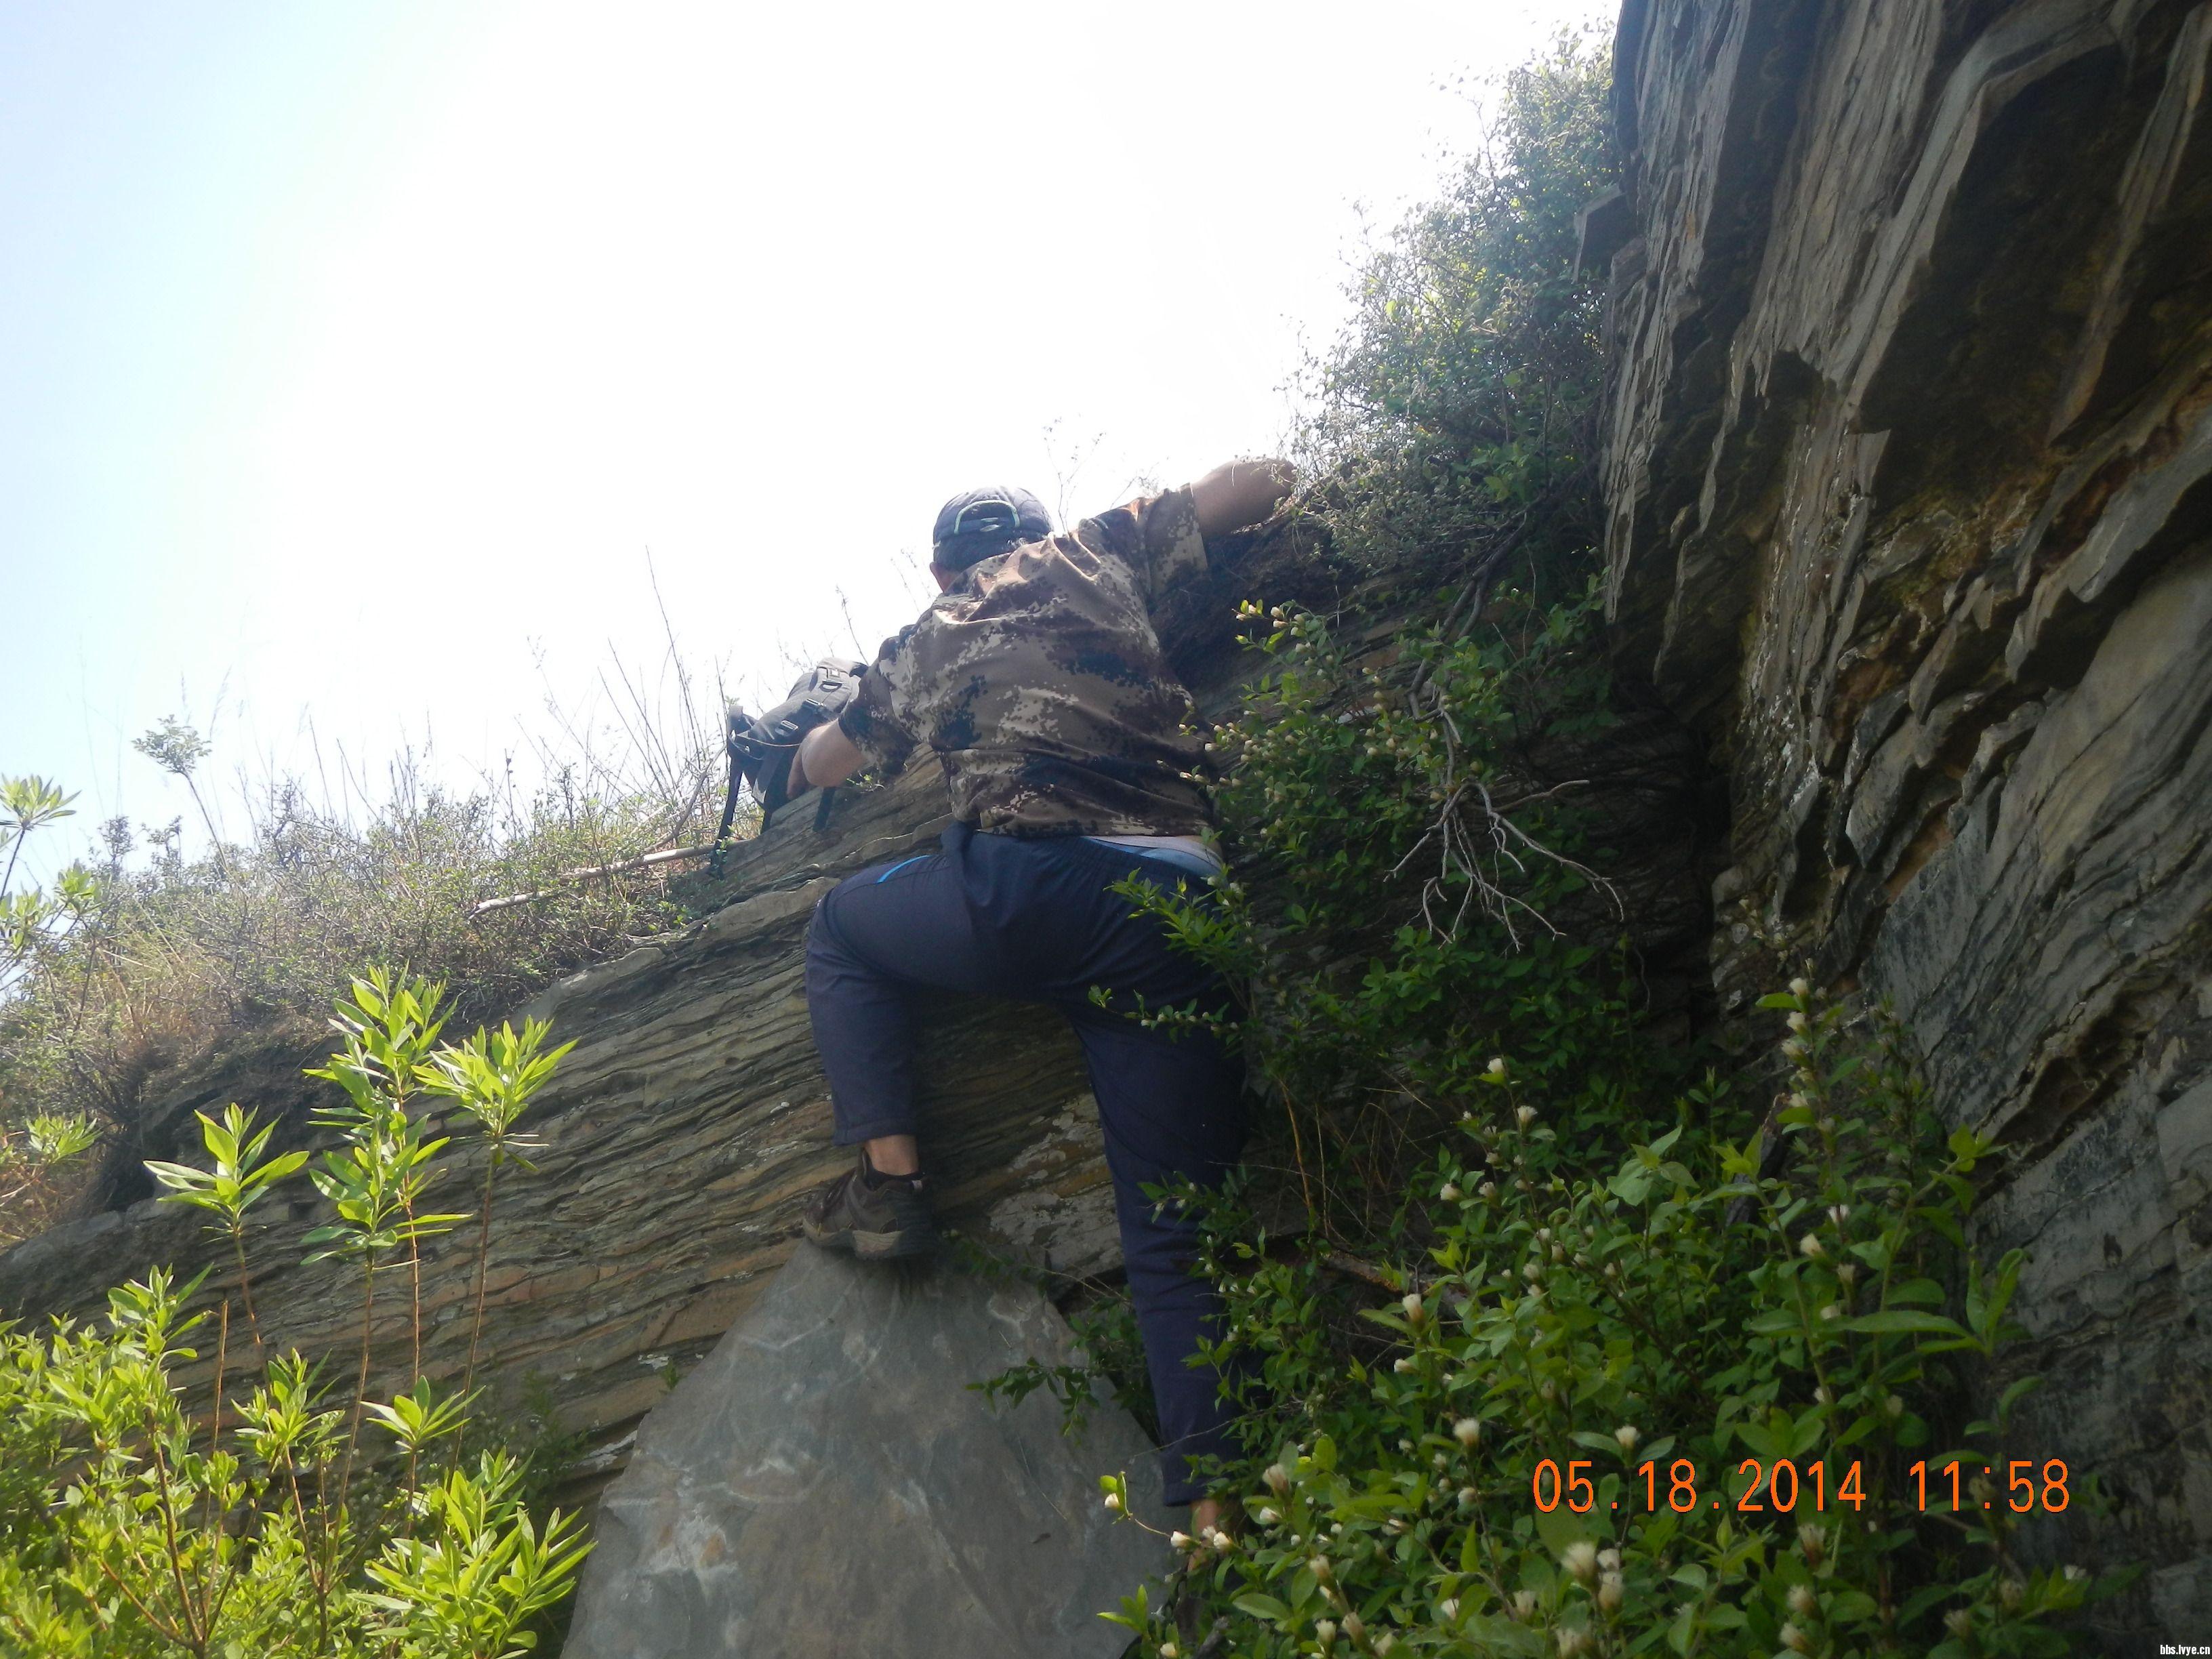 山林猫 发表于 2014-5-19 16:33  山里两人上山的沟就是我们下山的那条沟。下撤时,奉铁山嘱,我带黑妹、海甸、拉雅在前找路,他则仍留山头 ...